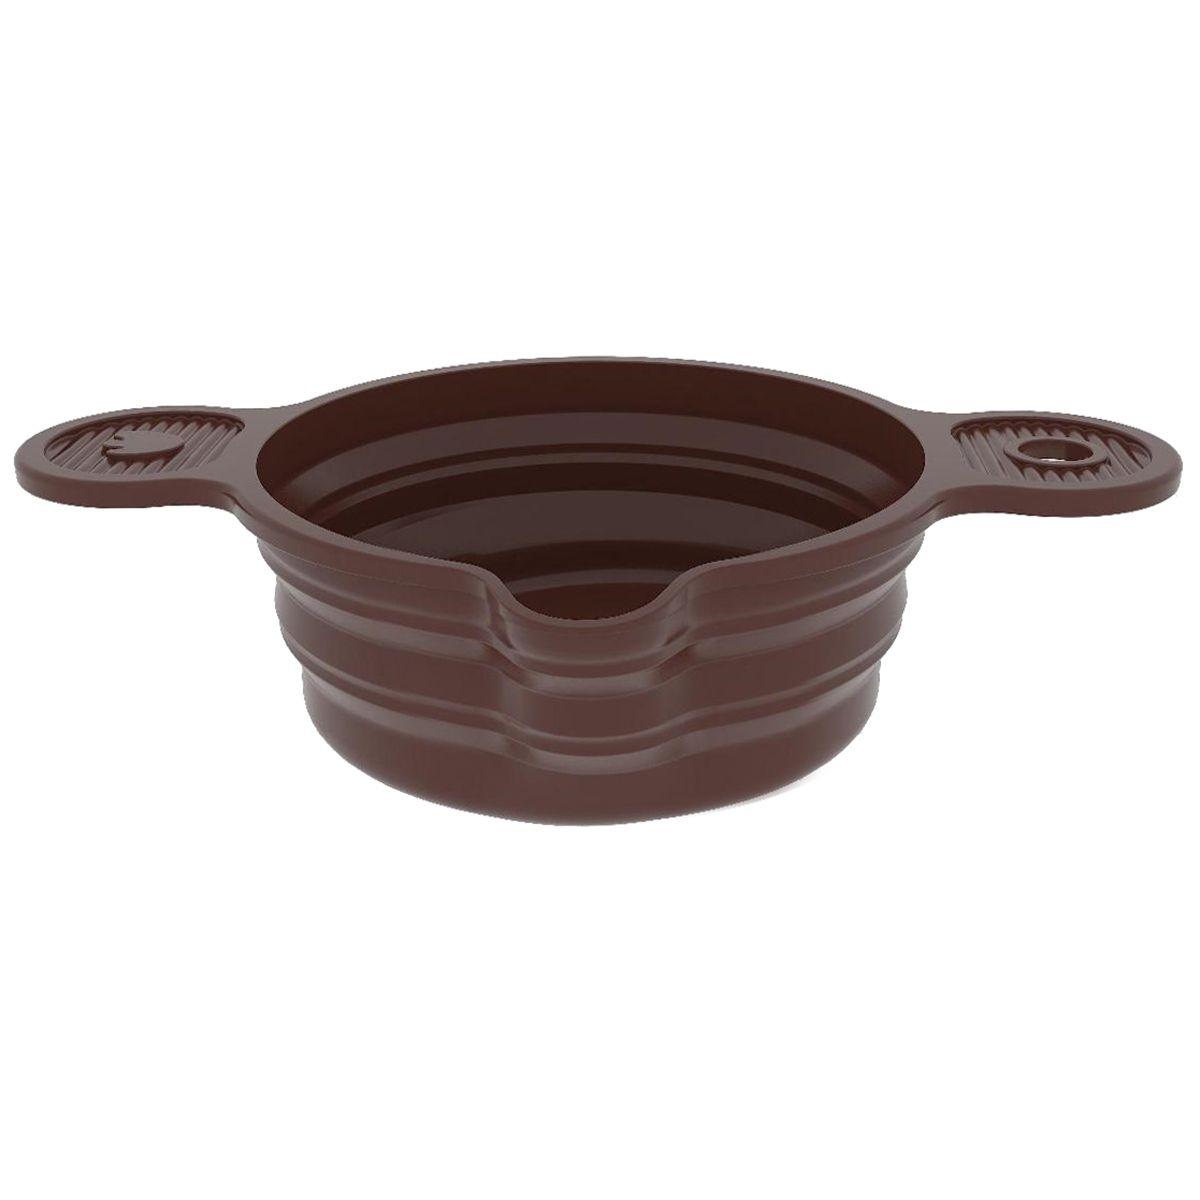 Bol en silicone retractable pour chocolat, utilisable au bain marie 16 cm 1l - Pavonidea